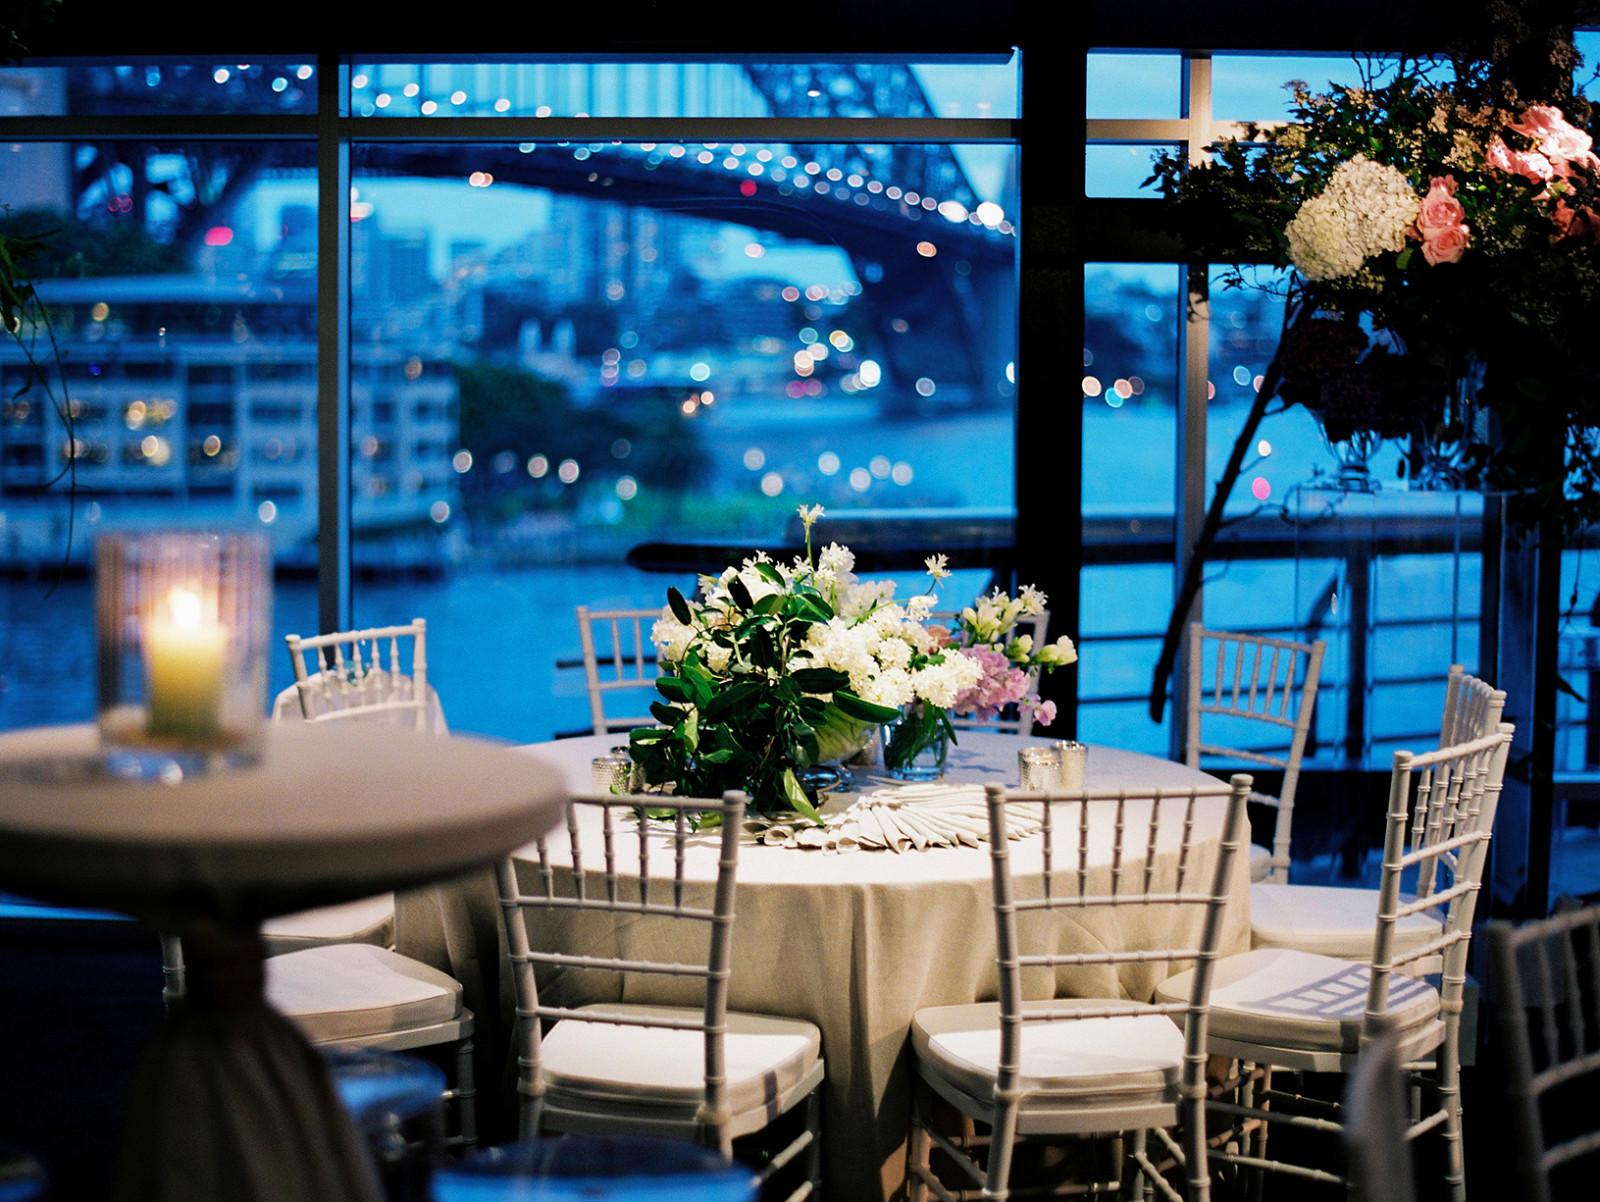 Sydney-Harbour-Philip-Carr-Quay-restaurant